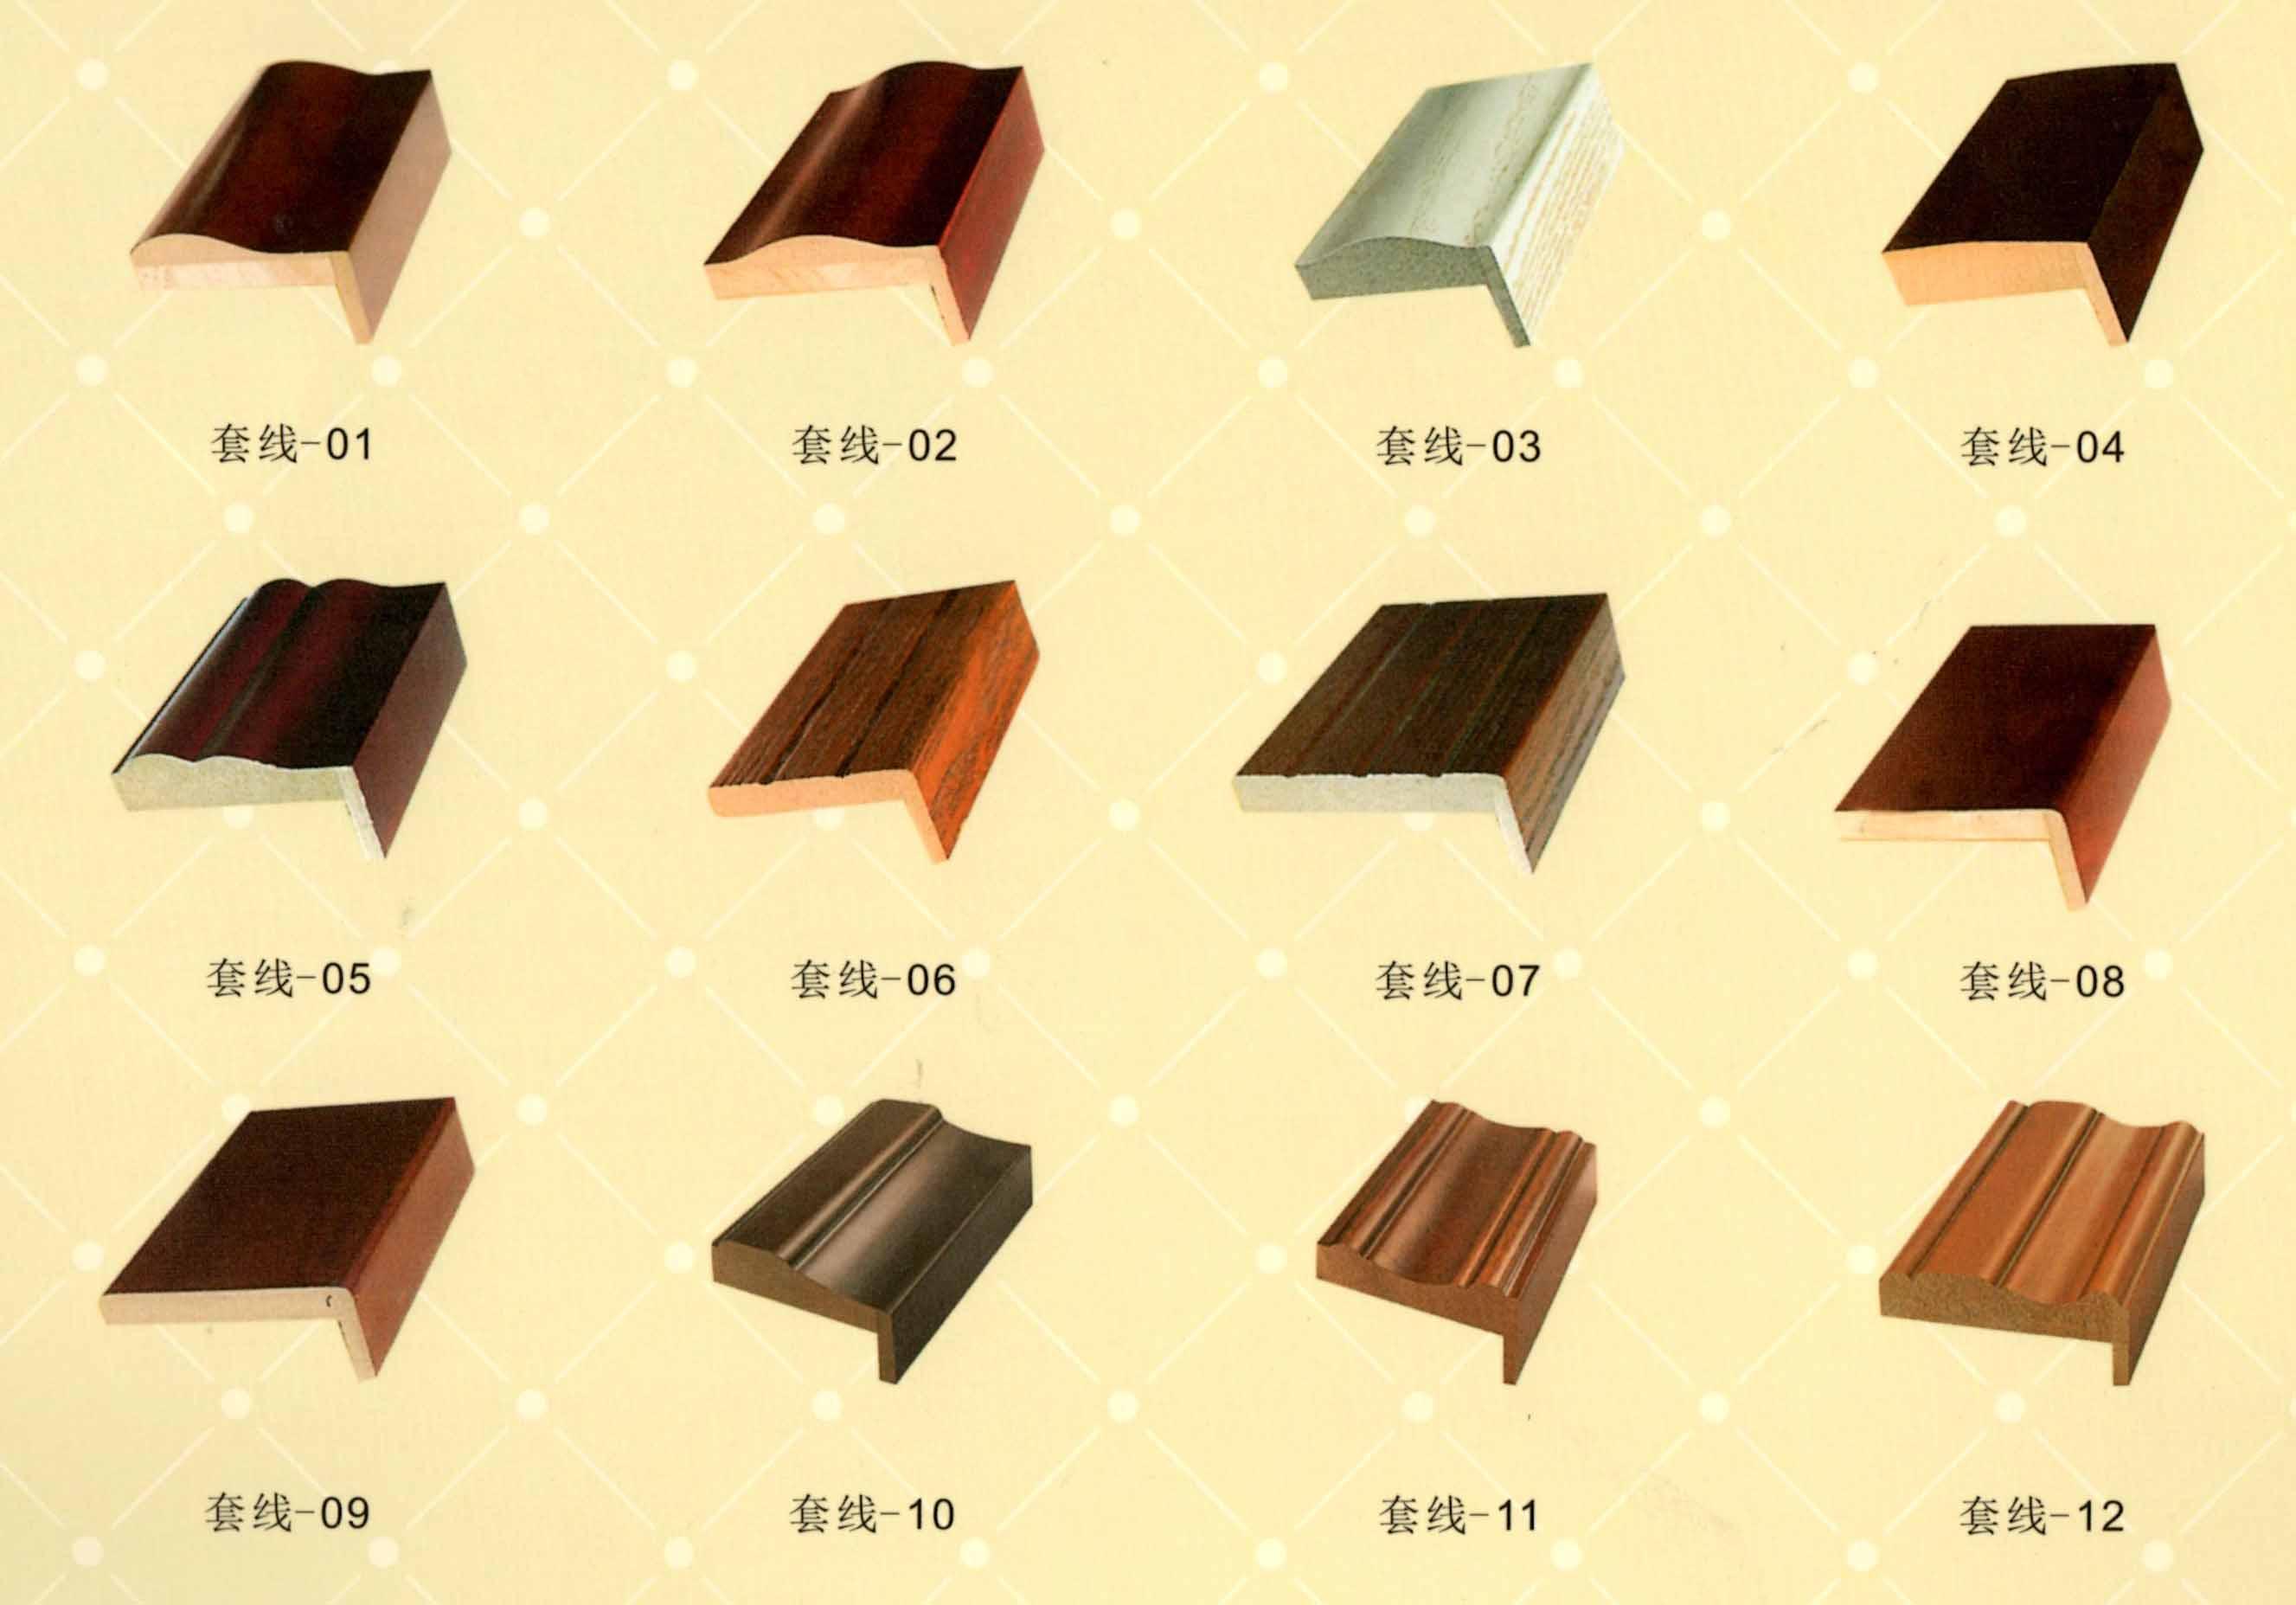 实木复合门,是指以木材、胶合材等为主要料复合制成的实型体或接近实型体,面层为木质单板贴面或其他覆面材料的门。在实木复合门中,常以普通木材指接材为基材,起结构连接和框架作用,提高抗变形能力;木材纹理装饰性强,以珍贵树种等制作的薄木,用作门的表面装饰材料,能够真实地体现木材的特征;所用的人造板主要是中纤板,其材质均匀,铣削加工性能好,可用作造型构件。因此,实木复合门是充分利用了各种实木复合门材质的优良特性,避免了采用成本较高的珍贵木材,在不降低门的使用和装饰性能的前提下,有效地降低生产成本。除了良好的视觉效果